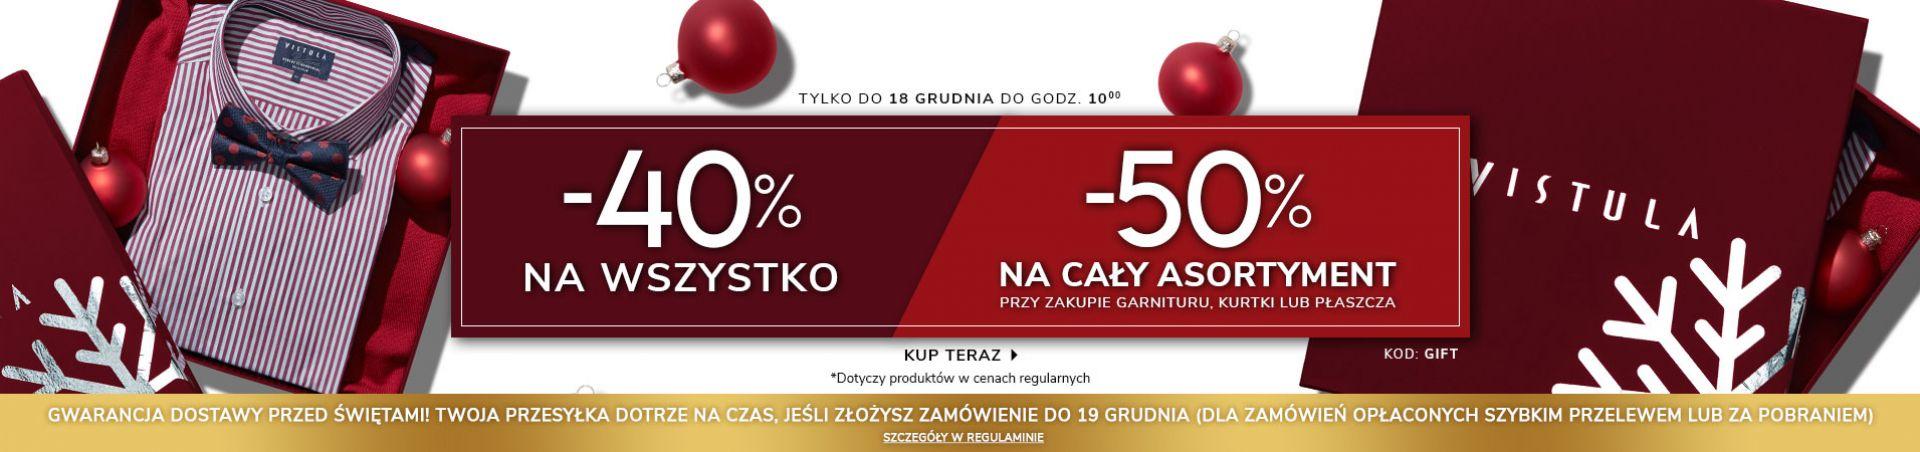 Vistula -40% na wszystko w cenach regularnych